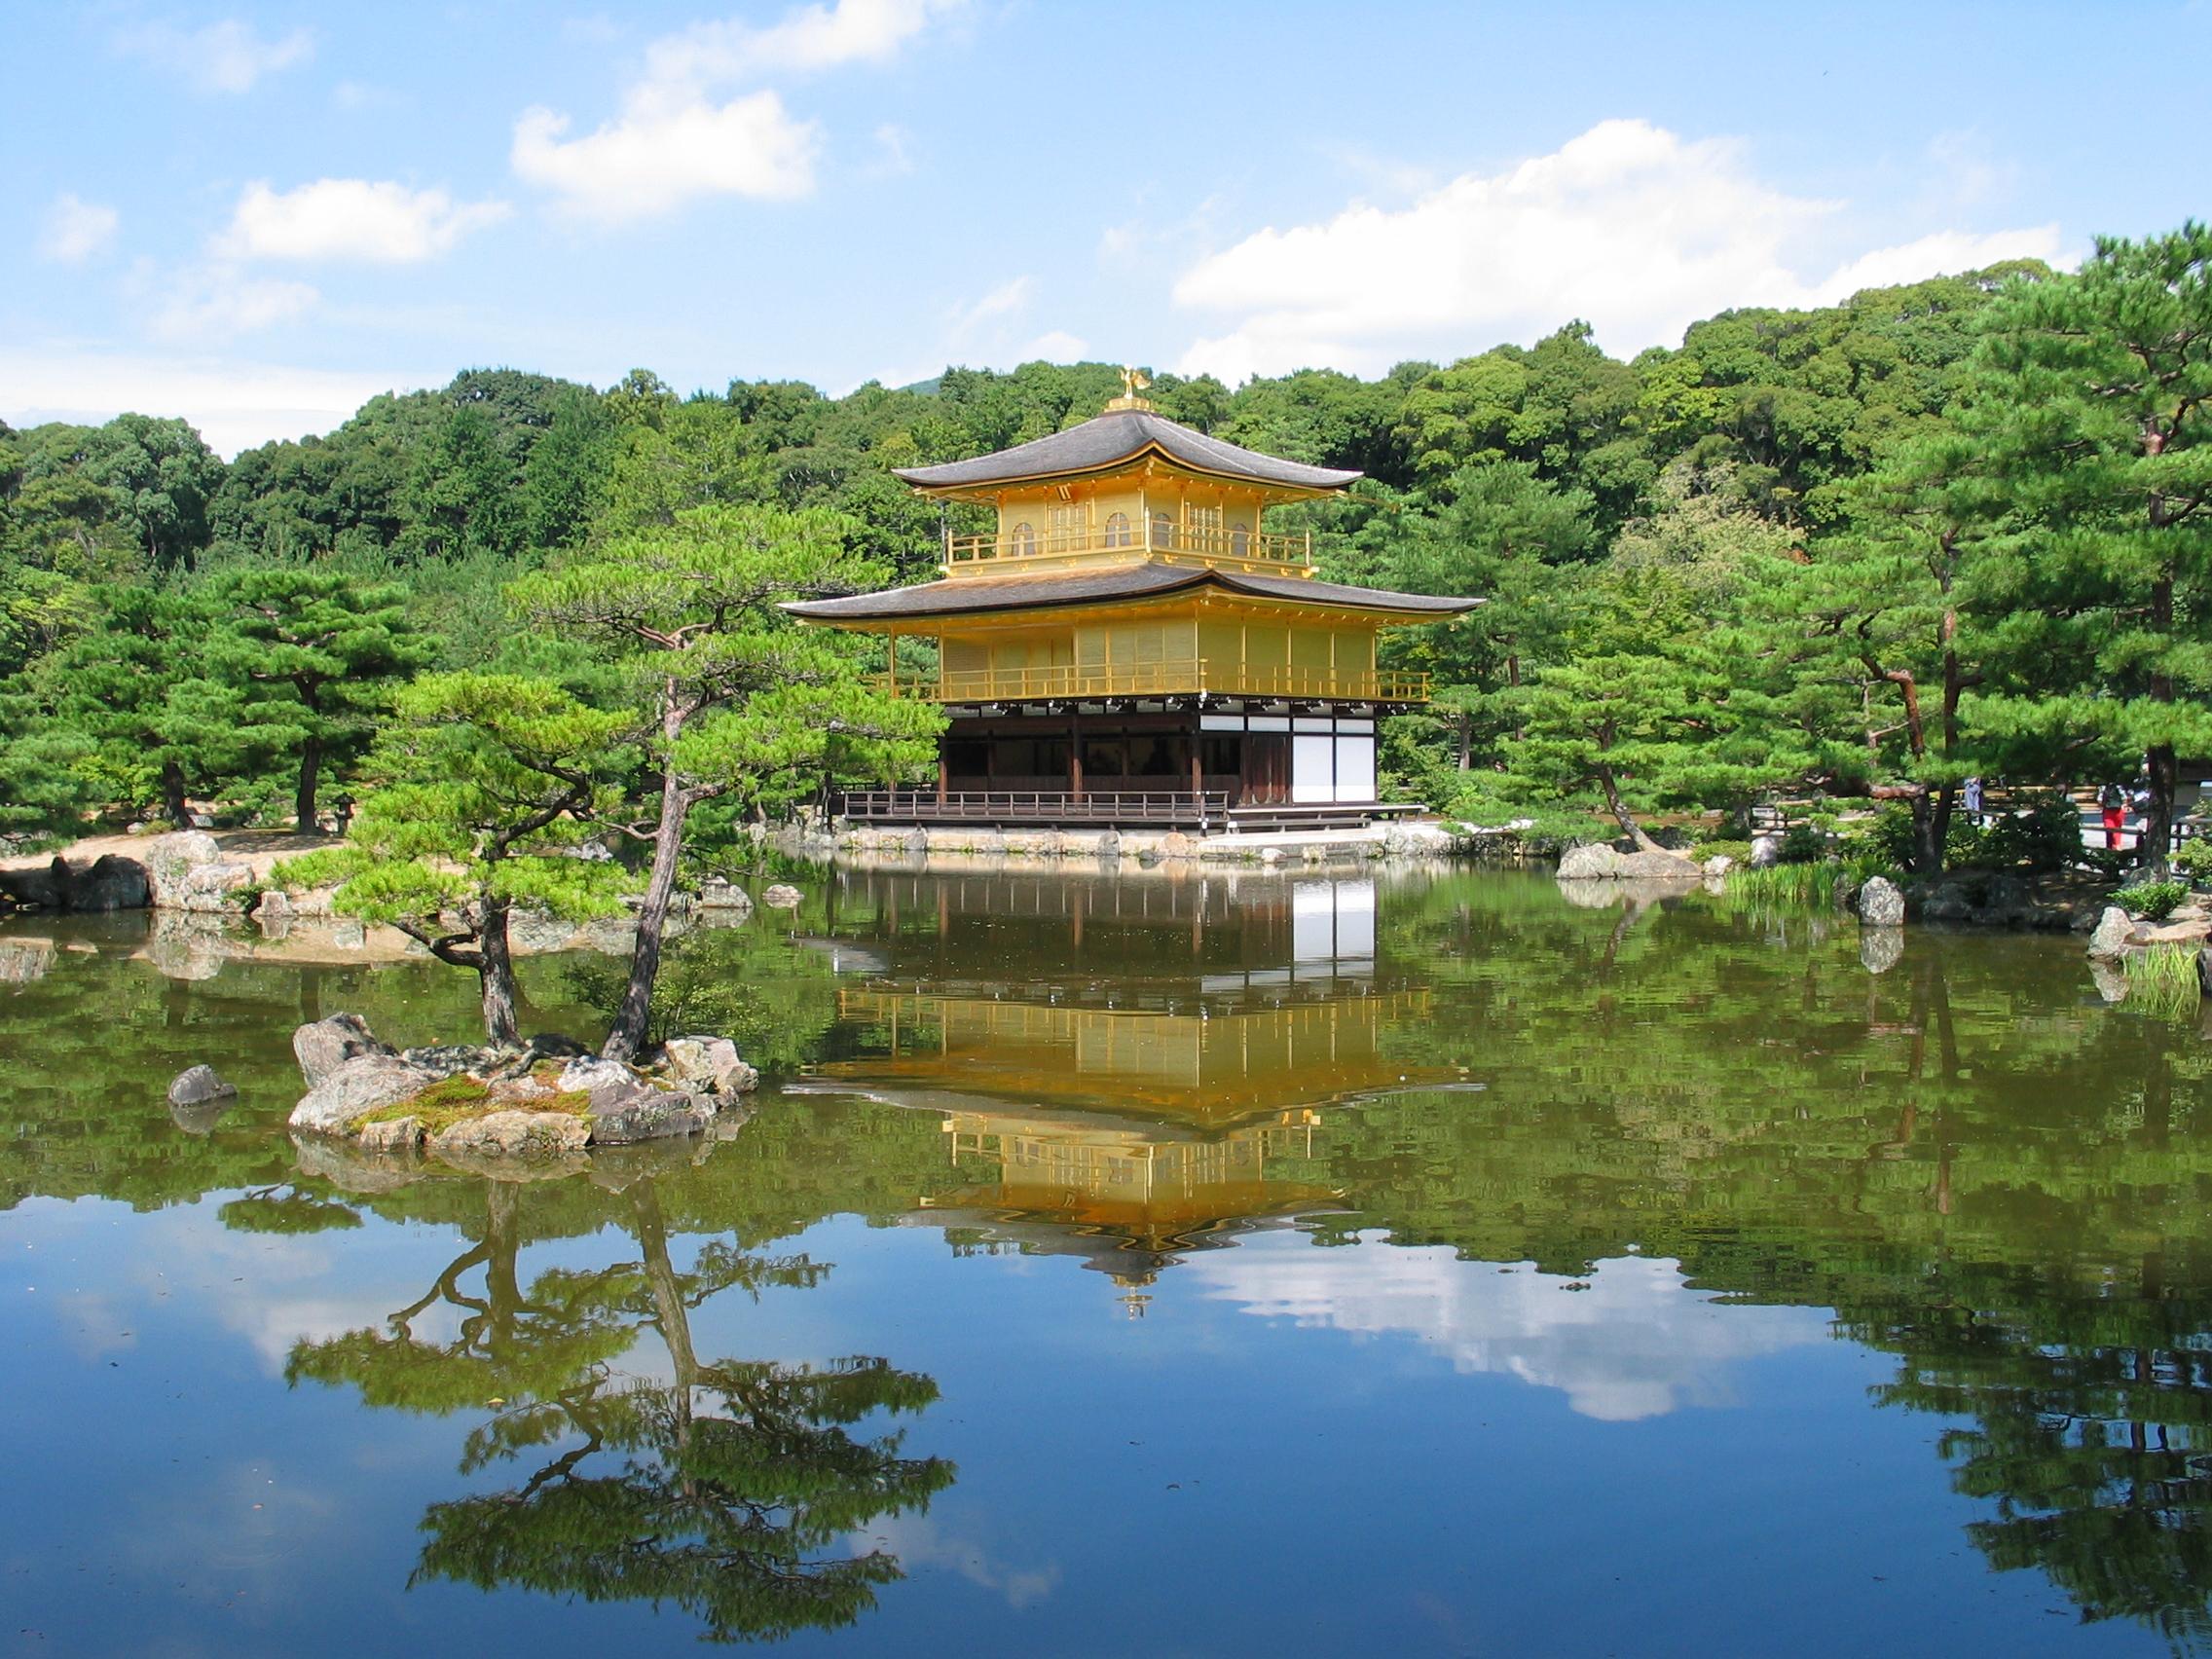 File:Kinkakuji 2004-09-21.jpg - Wikipedia